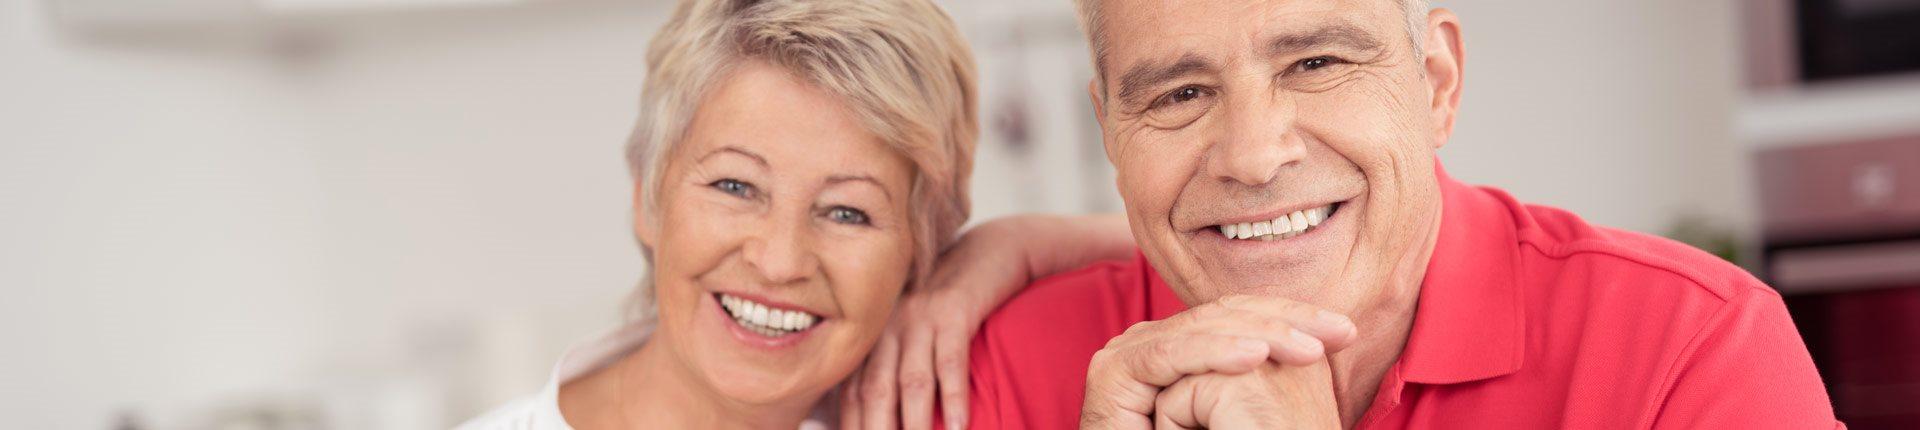 Odżywianie, dieta dla starszej osoby - na co zwrócić uwagę?